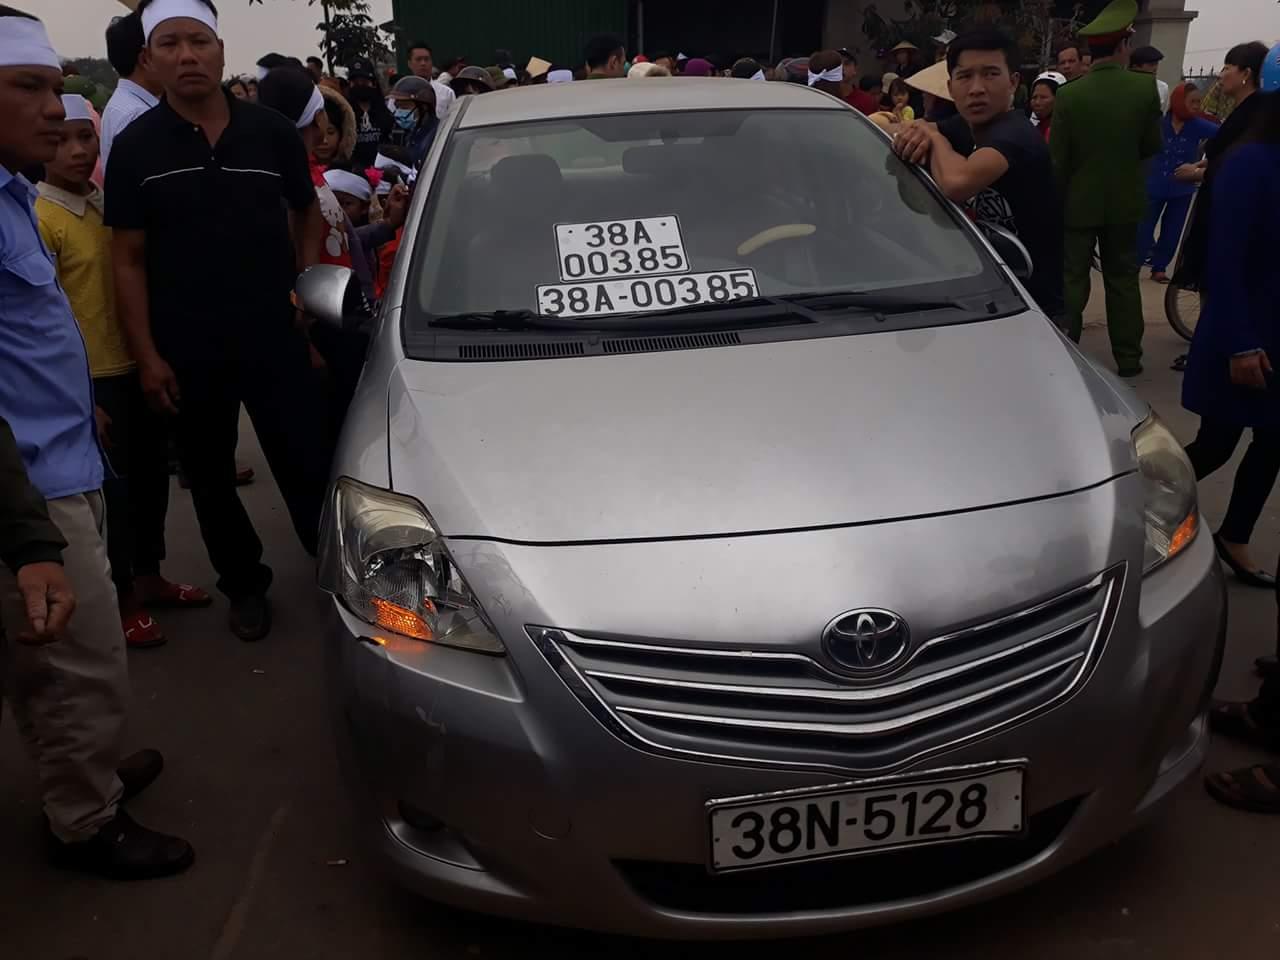 Tình tiết mới vụ công an đi xe biển giả gây tai nạn chết người xôn xao Hà Tĩnh 1